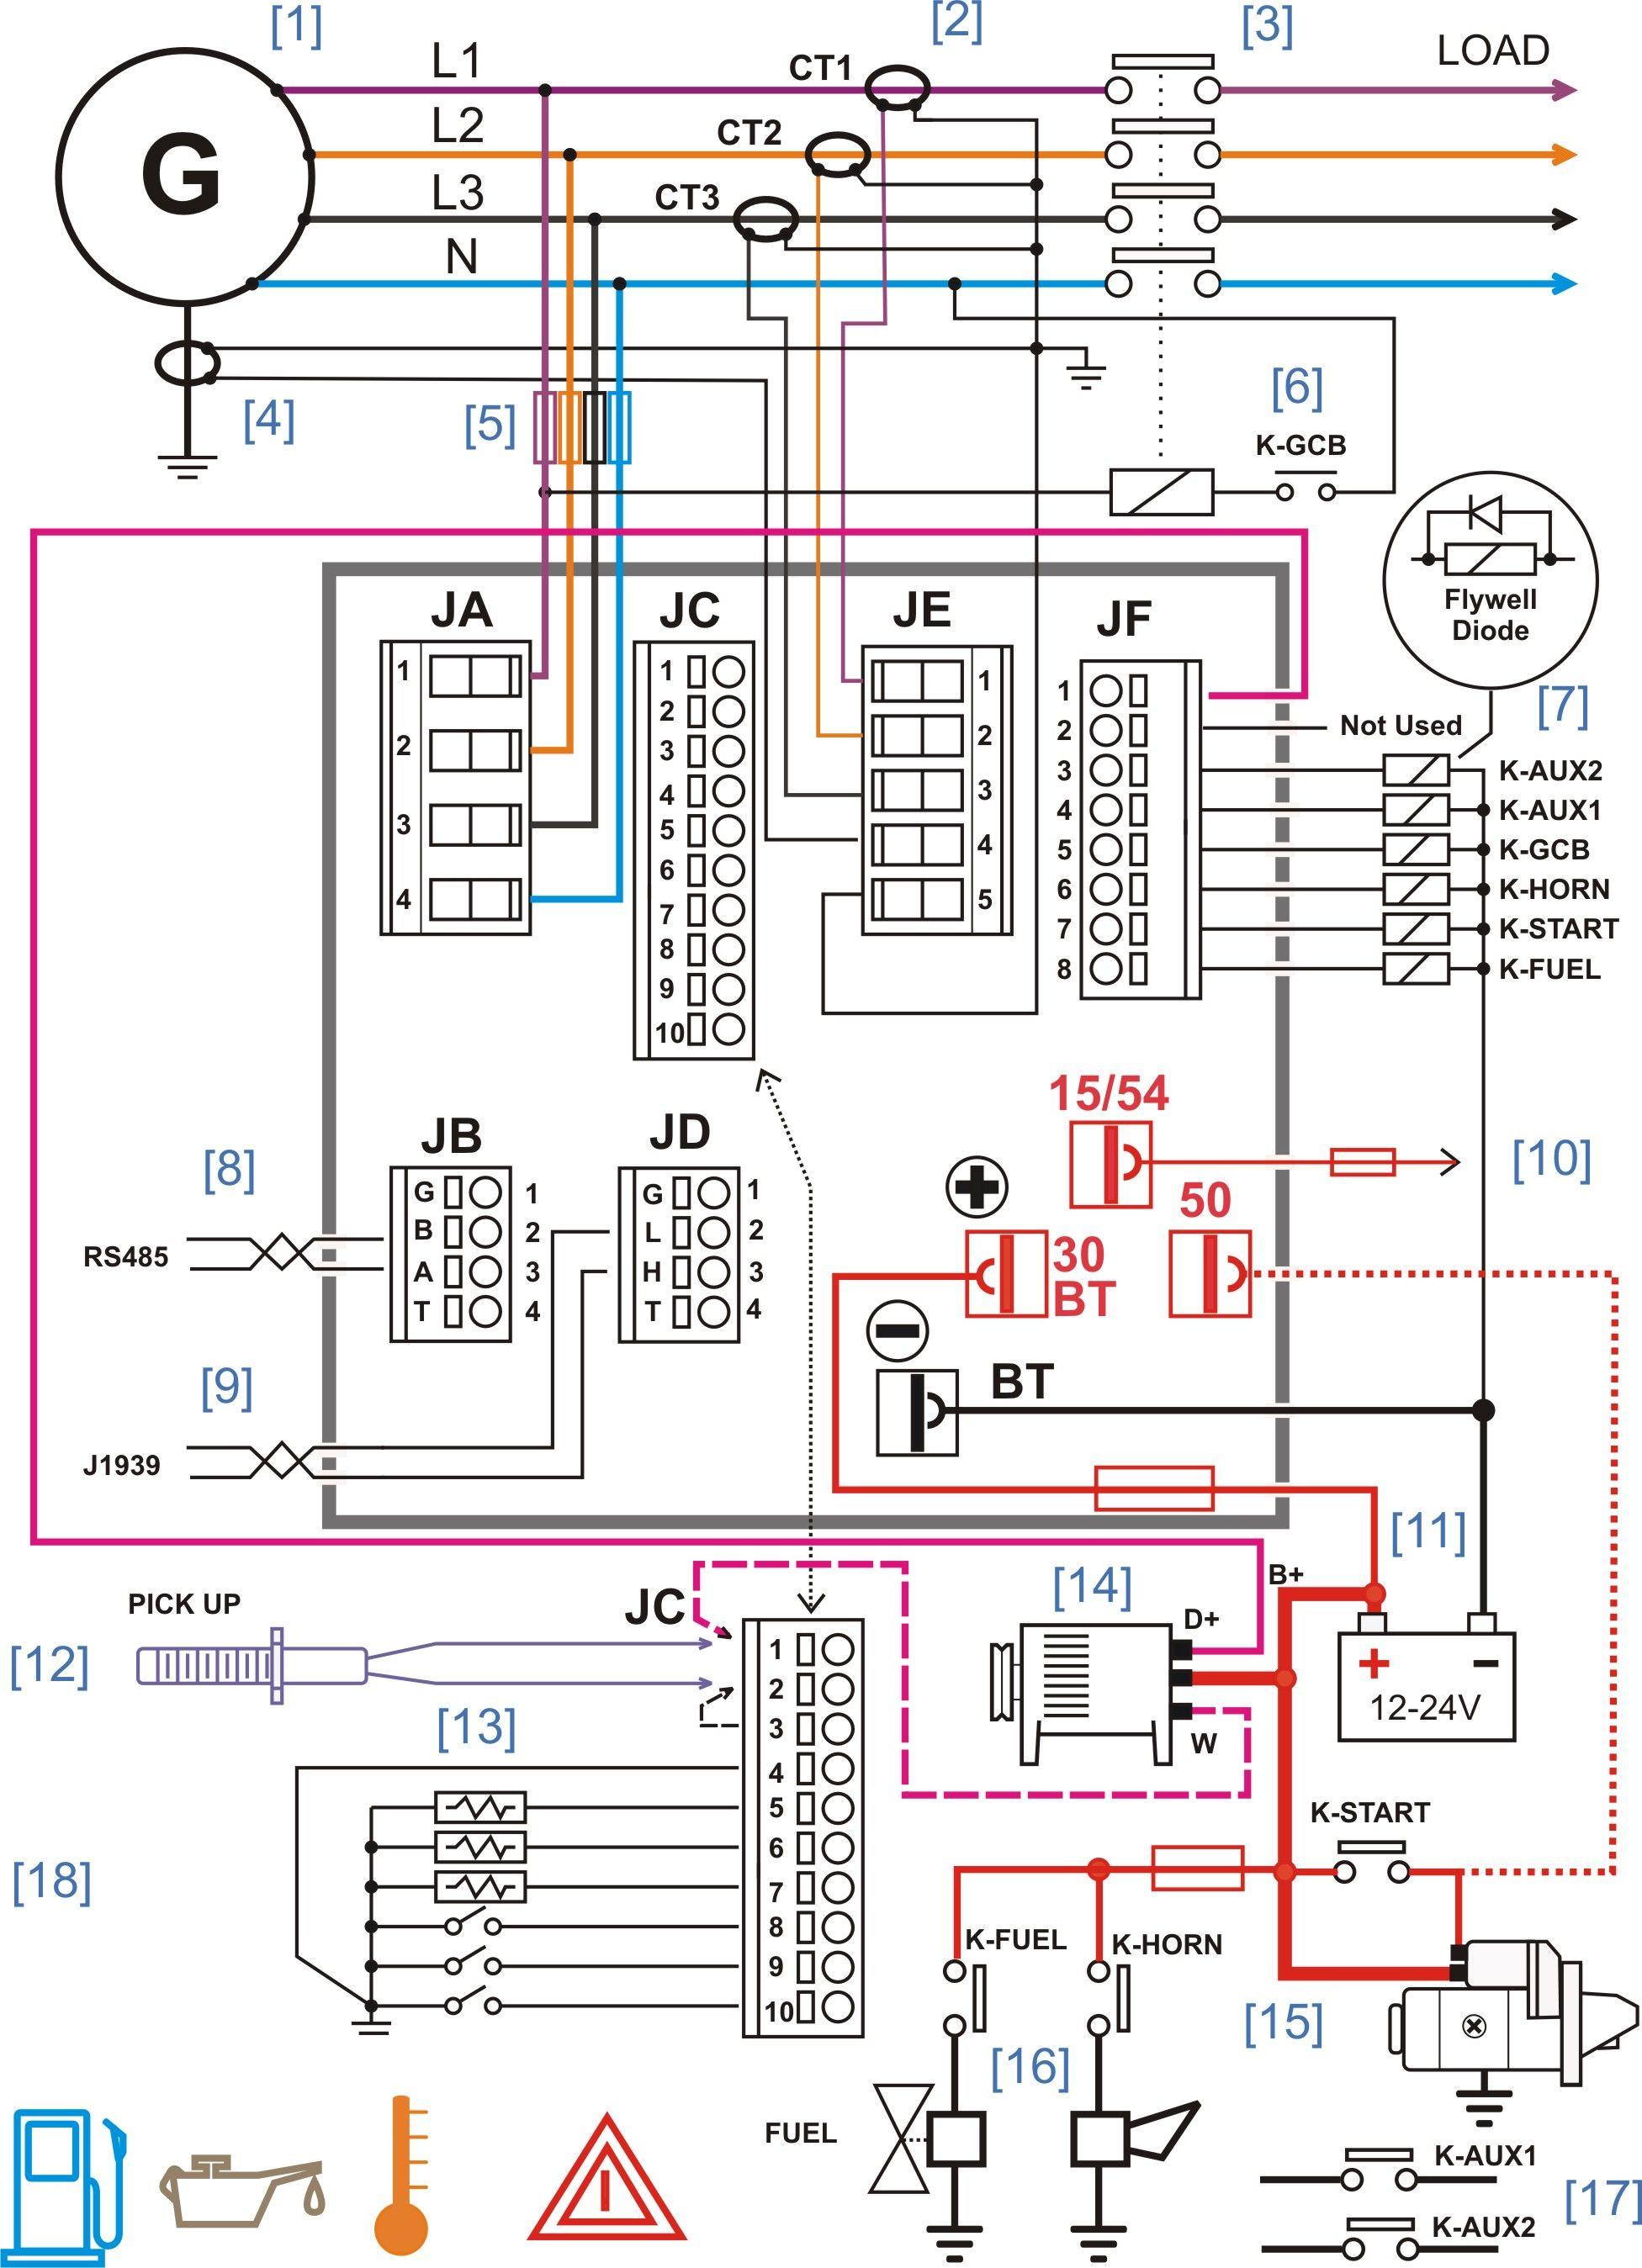 Diesel Generator Control Panel Wiring Diagram | Diesel generators in 2019 | Electrical wiring